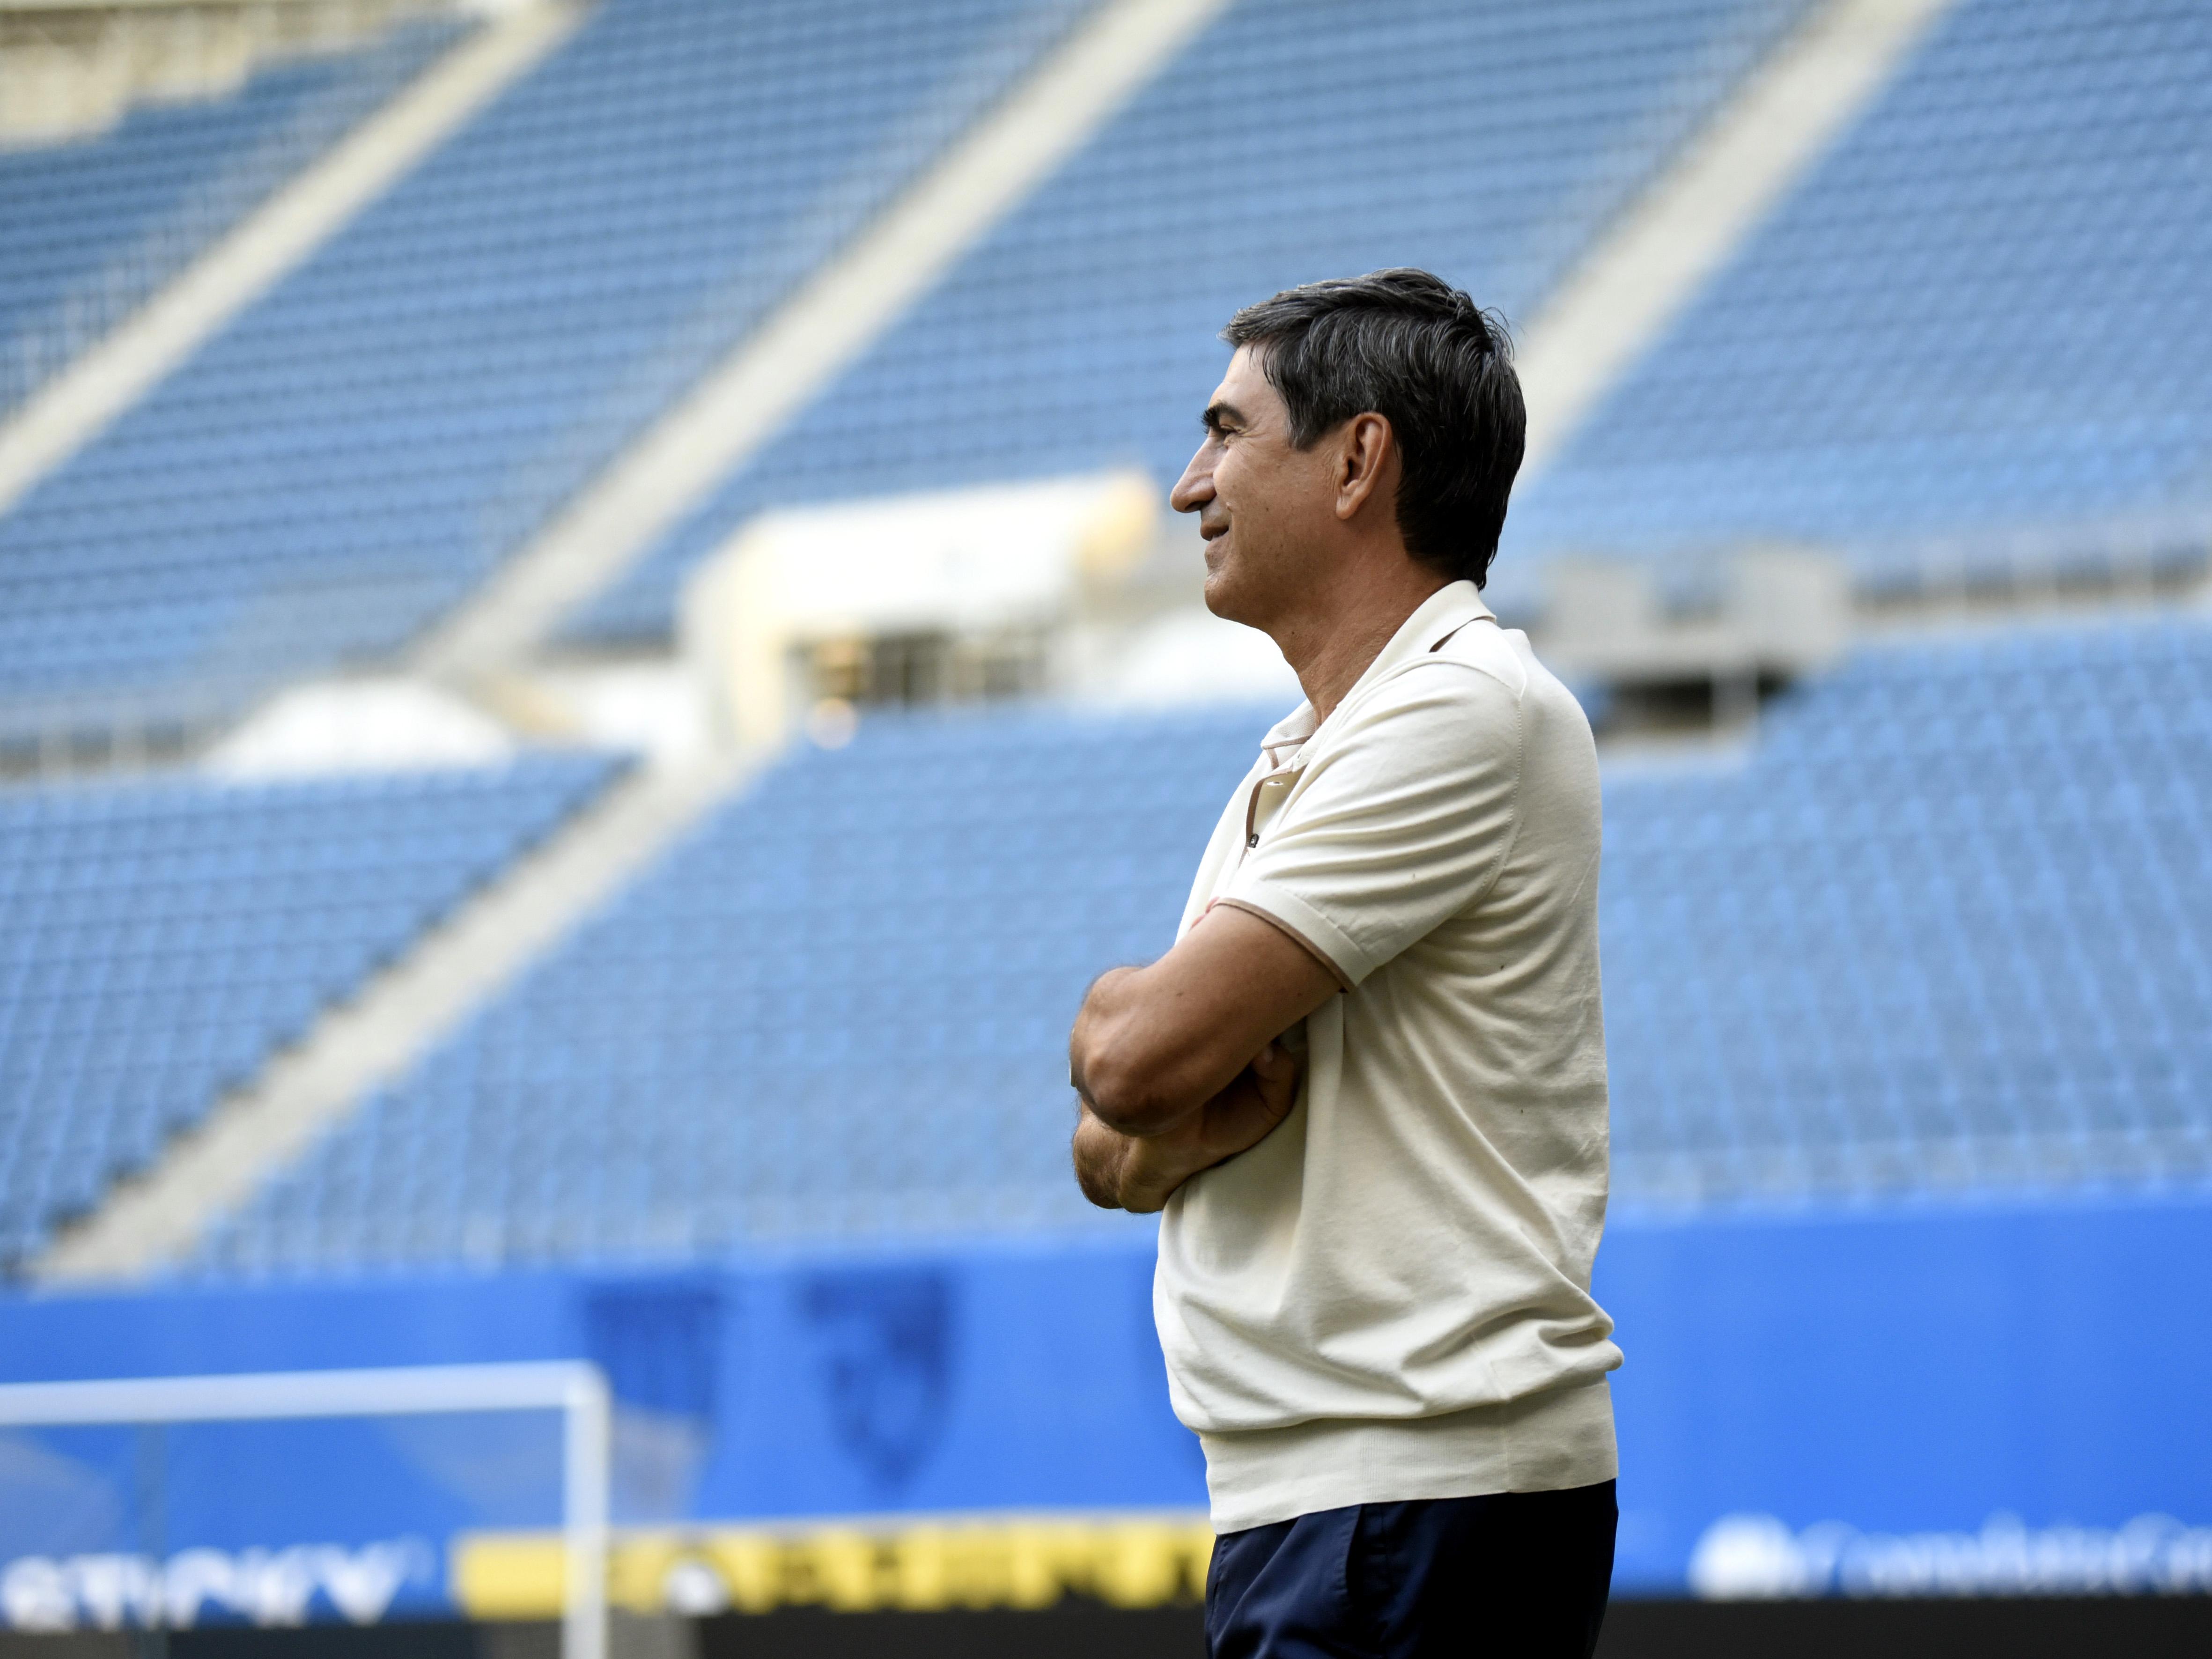 Victor Pițurcă urmărind antrenamentul susținut de Universitatea Craiova pe stadionul Ion Oblemenco. Sursă foto: sportpictures.eu